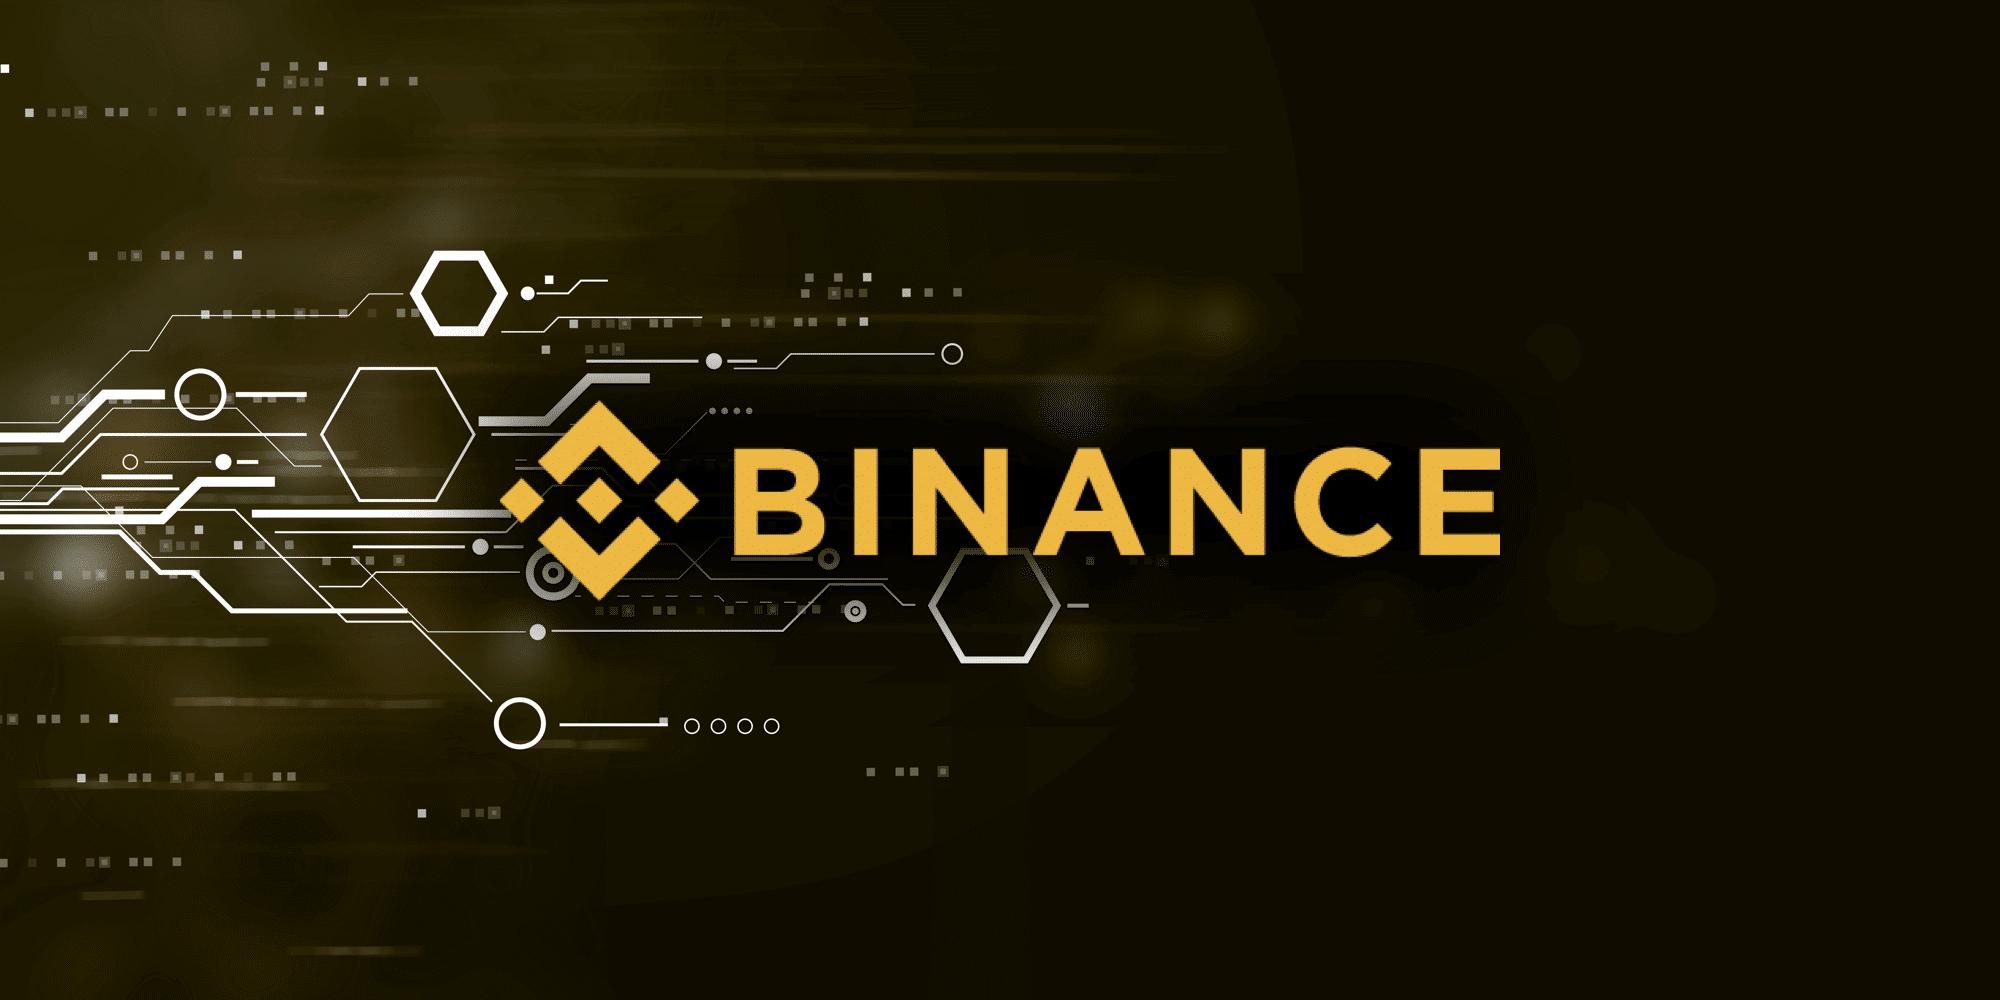 Биржа Binance предлагает 250 тыс долларов за поимку хакеров